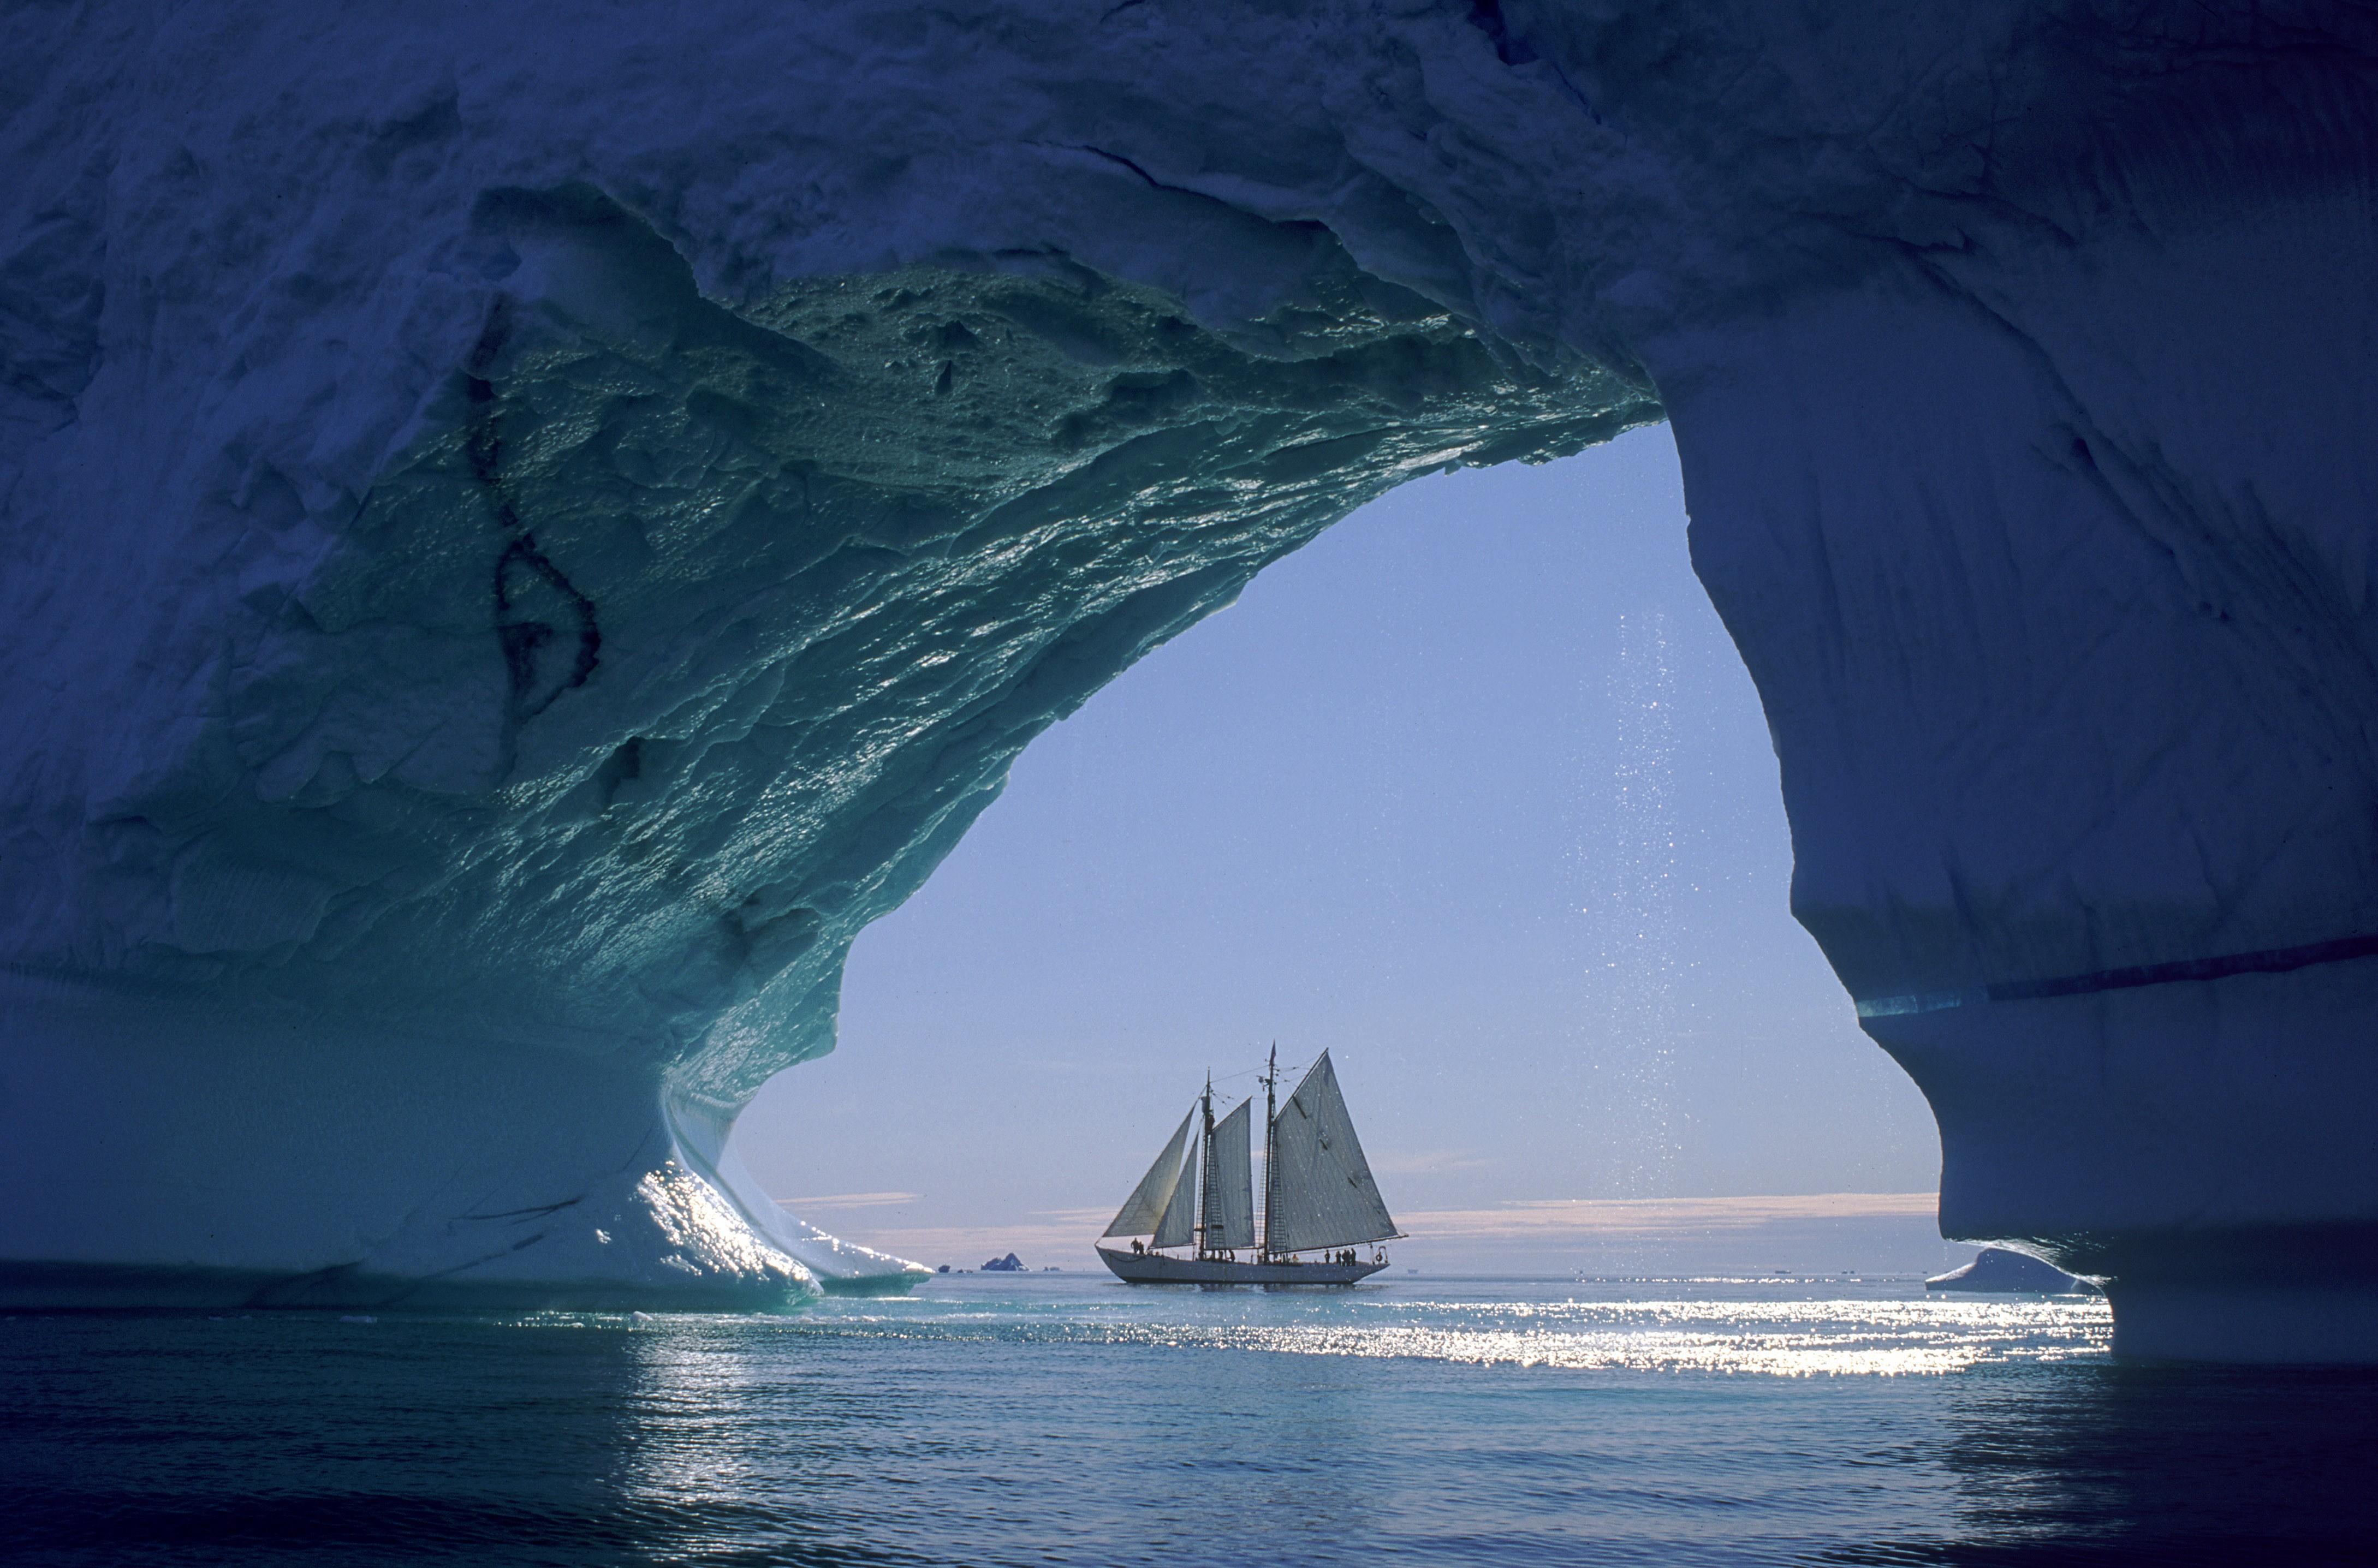 картинки необыкновенные океаны перерывах между заказами